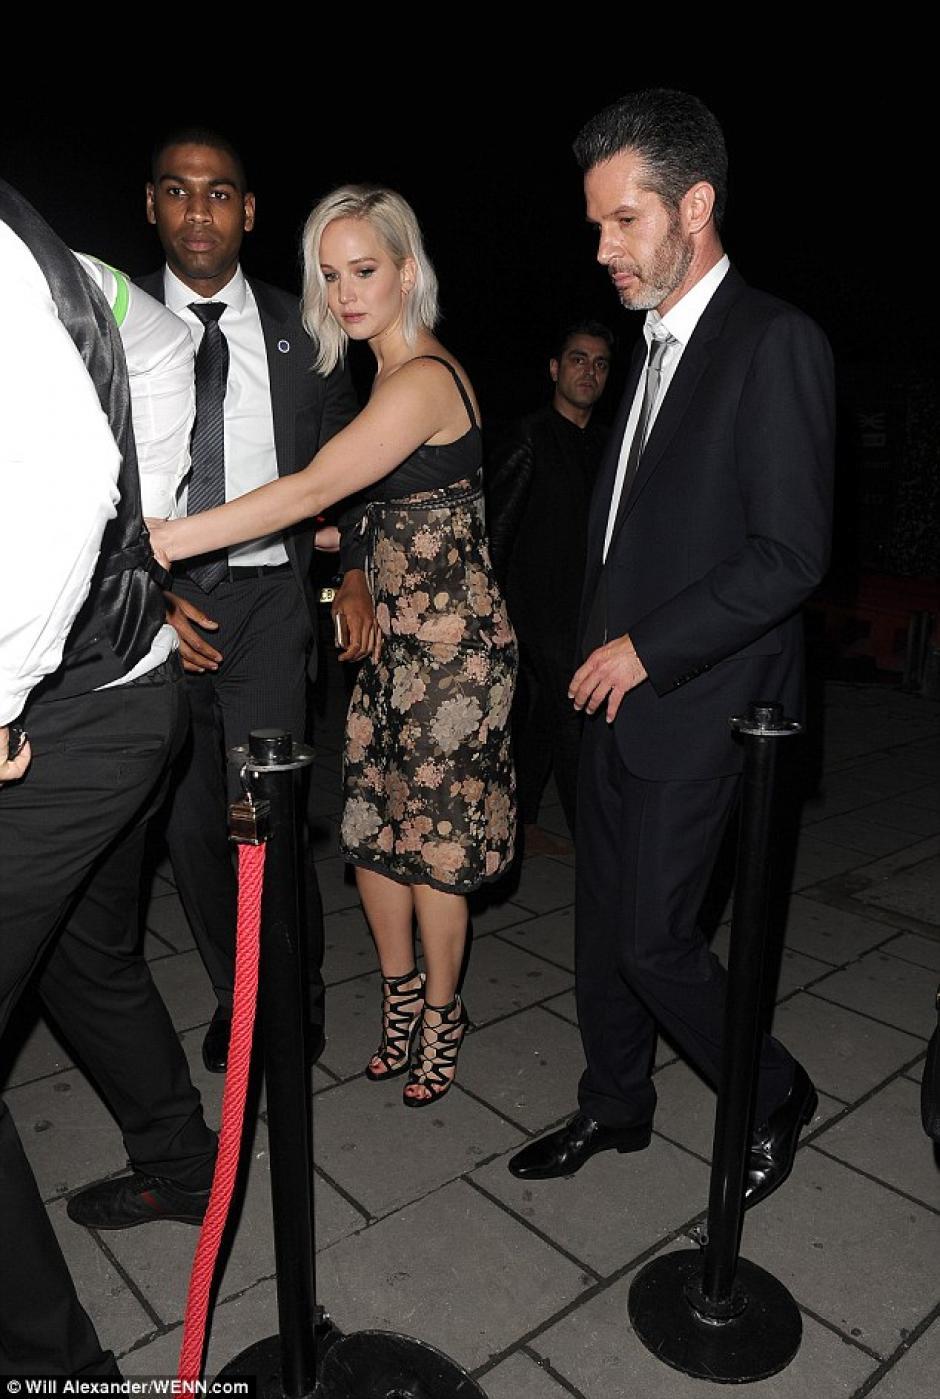 La actriz llegó con el director Simon Kinberg. (Foto: Will Alexander/WENN.com)